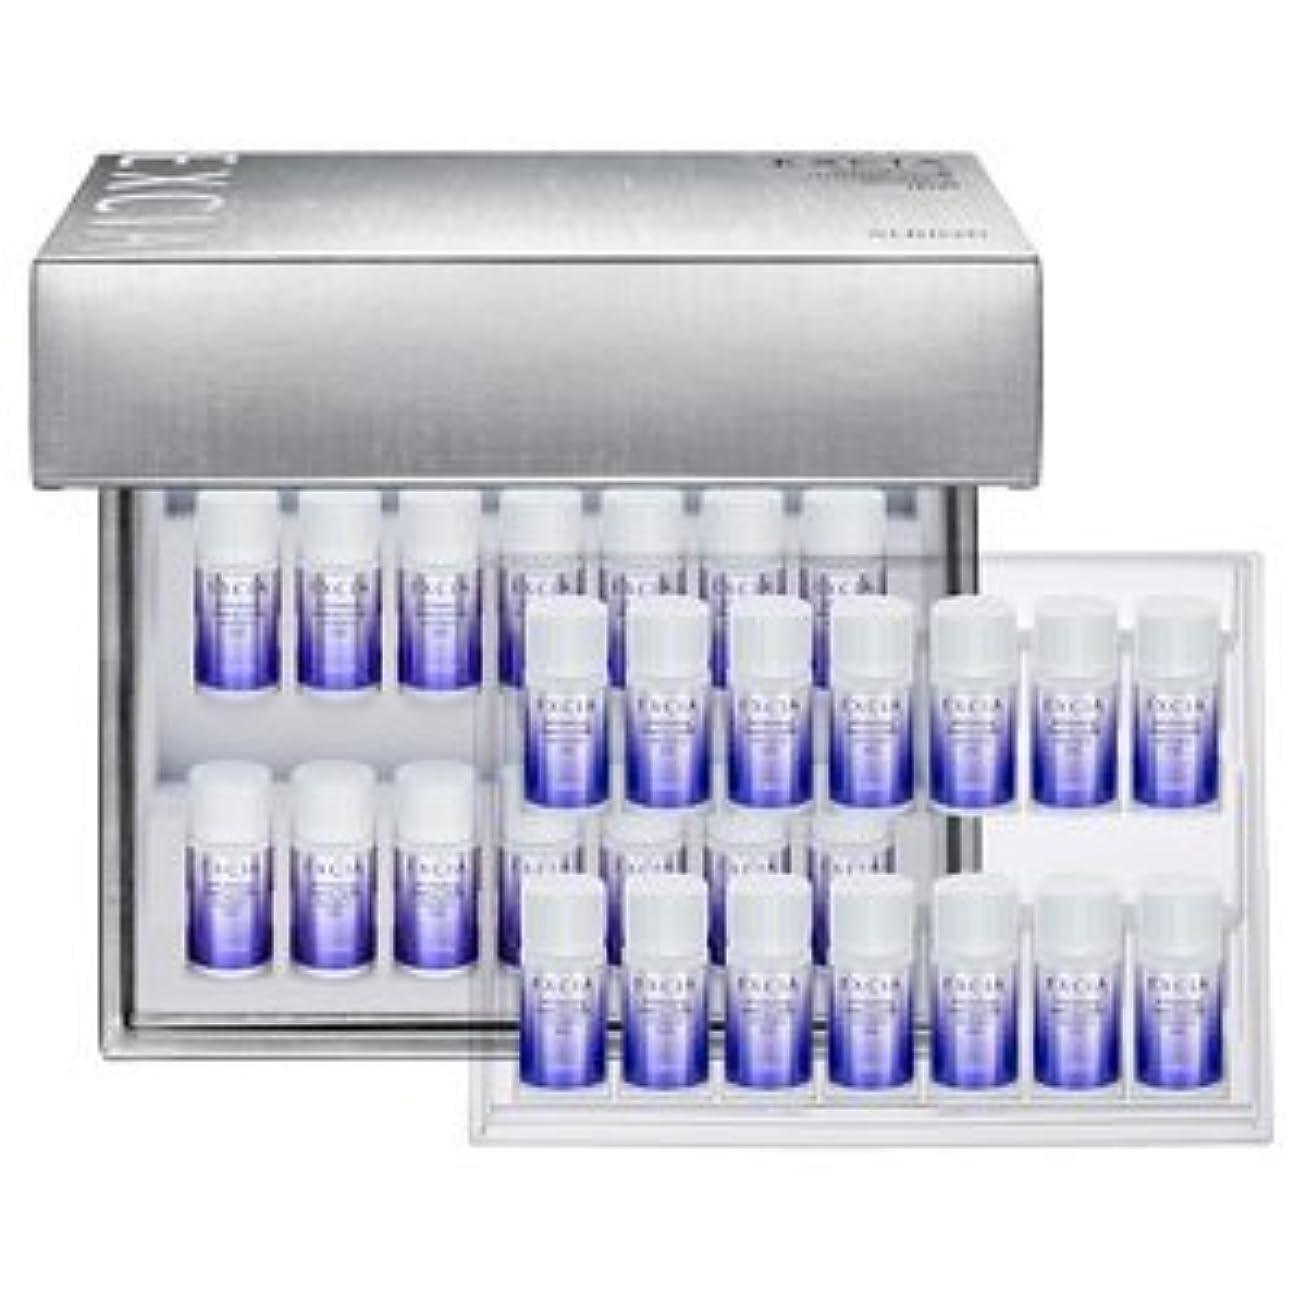 ラボドリル奨励アルビオン エクシア AL ホワイトニング イマキュレート エッセンス IDD 1.5ml×28個